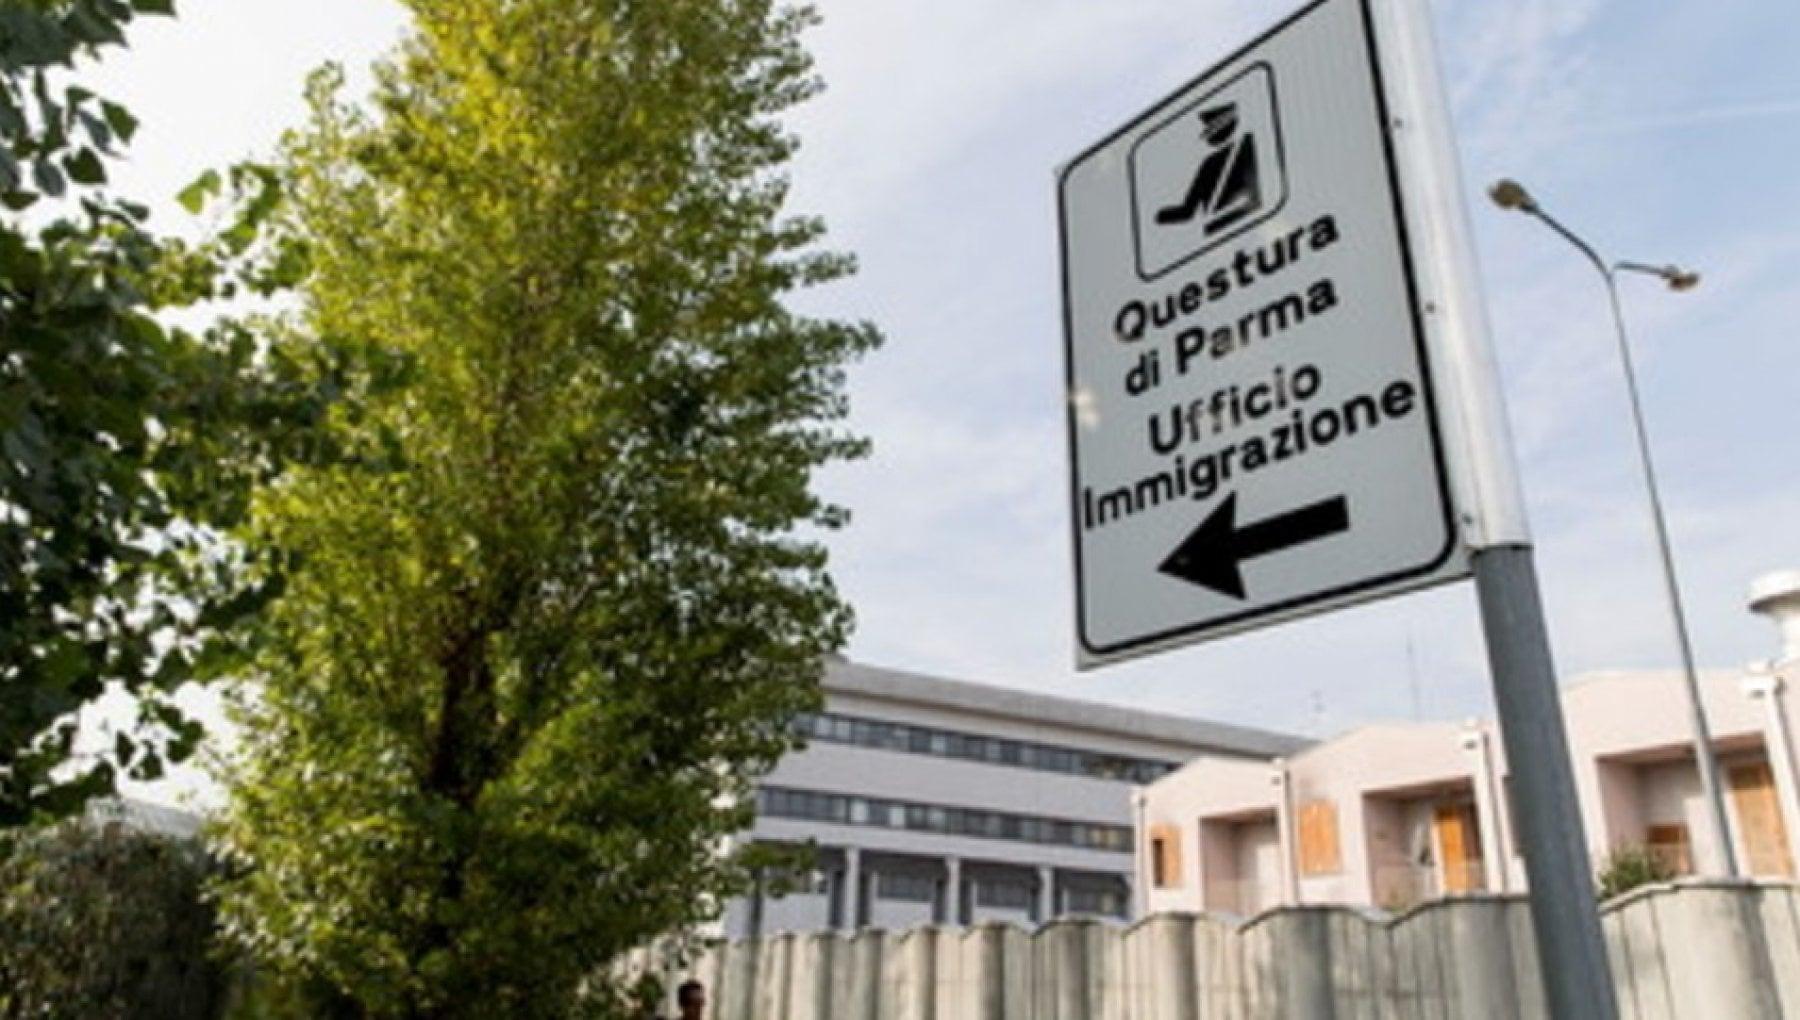 Permessi Di Soggiorno Piu Veloci Dietro Pagamento Ai Domiciliari Agente Di Polizia A Parma La Repubblica